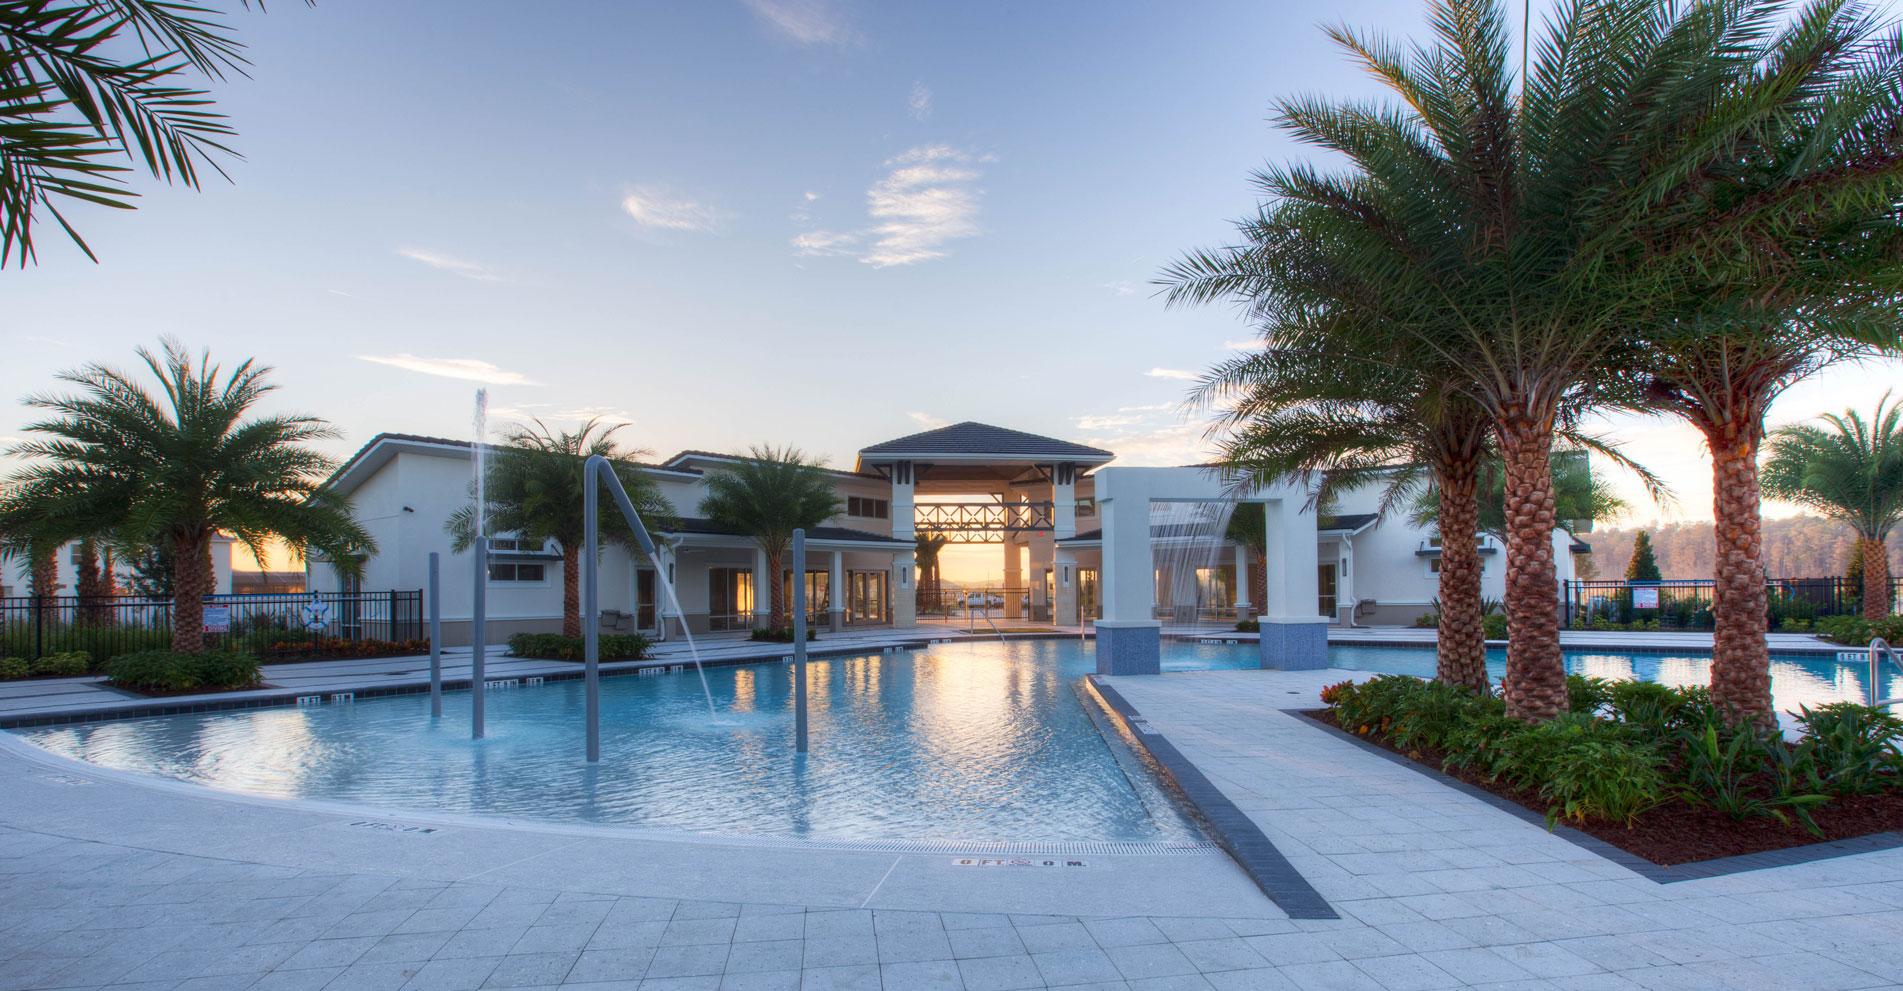 Casas férias Orlando -ort-prjts-pic7